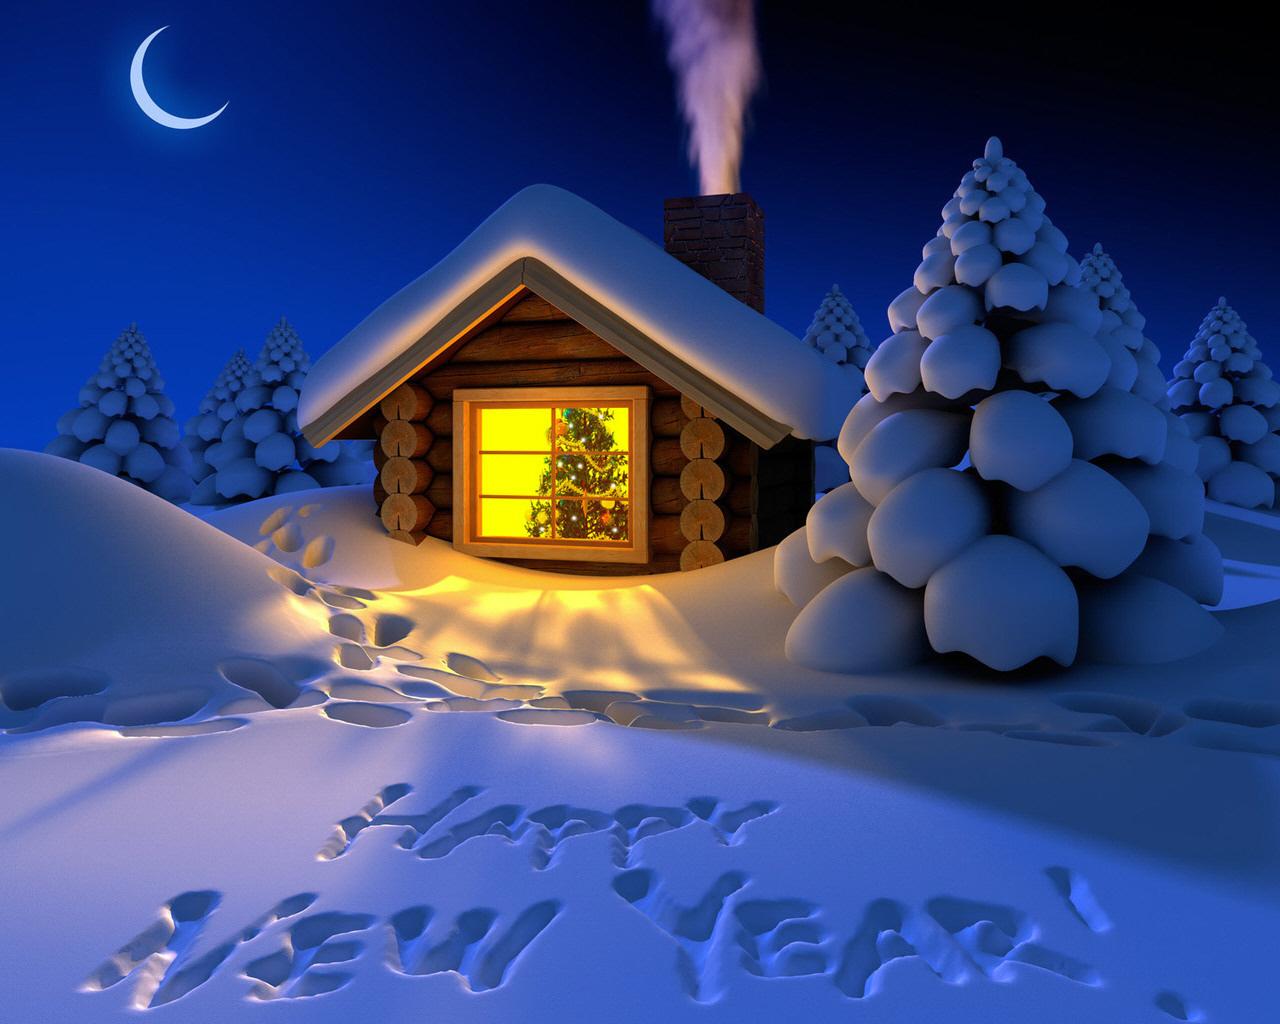 happy new year achtergronden barbaras bureaublad achtergronden in hd